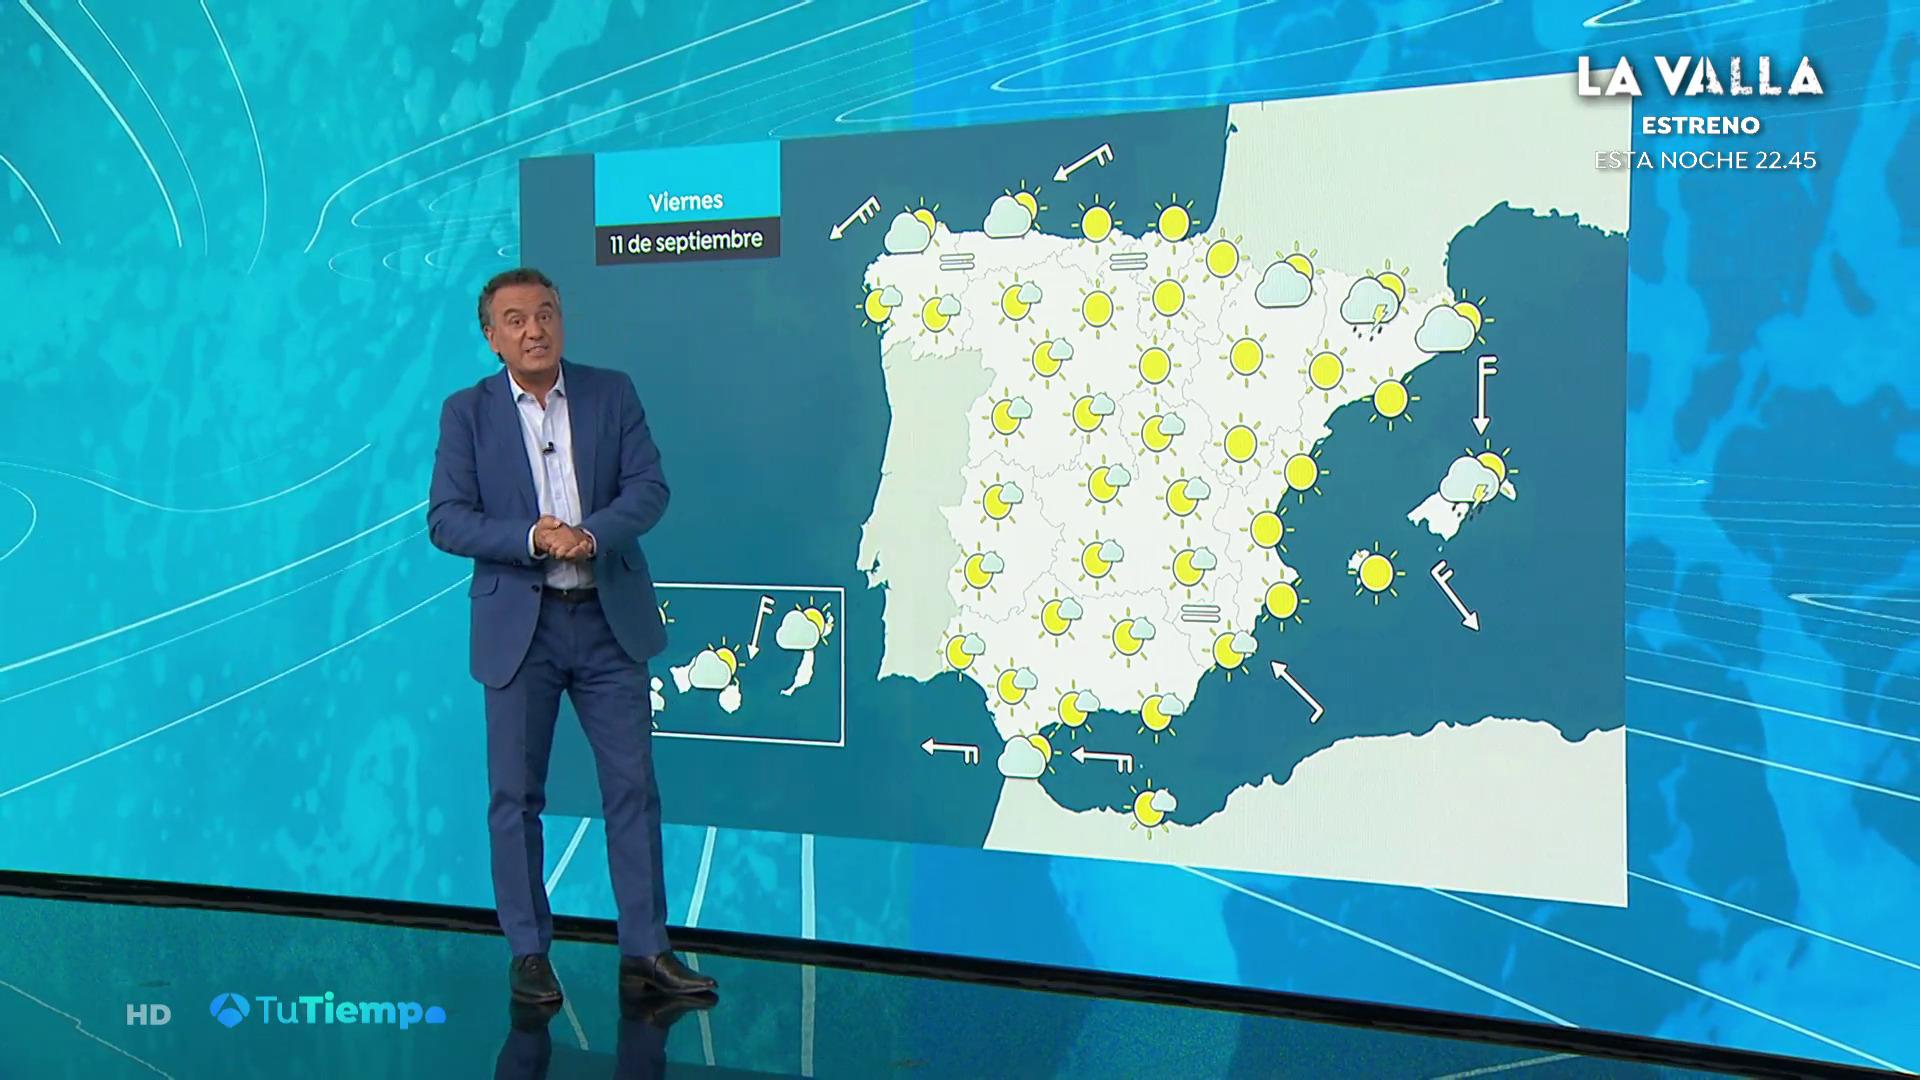 Septiembre 2020 (10-09-20) tiempo estable, salvo chubascos y tormentas en Mallorca y Menorca